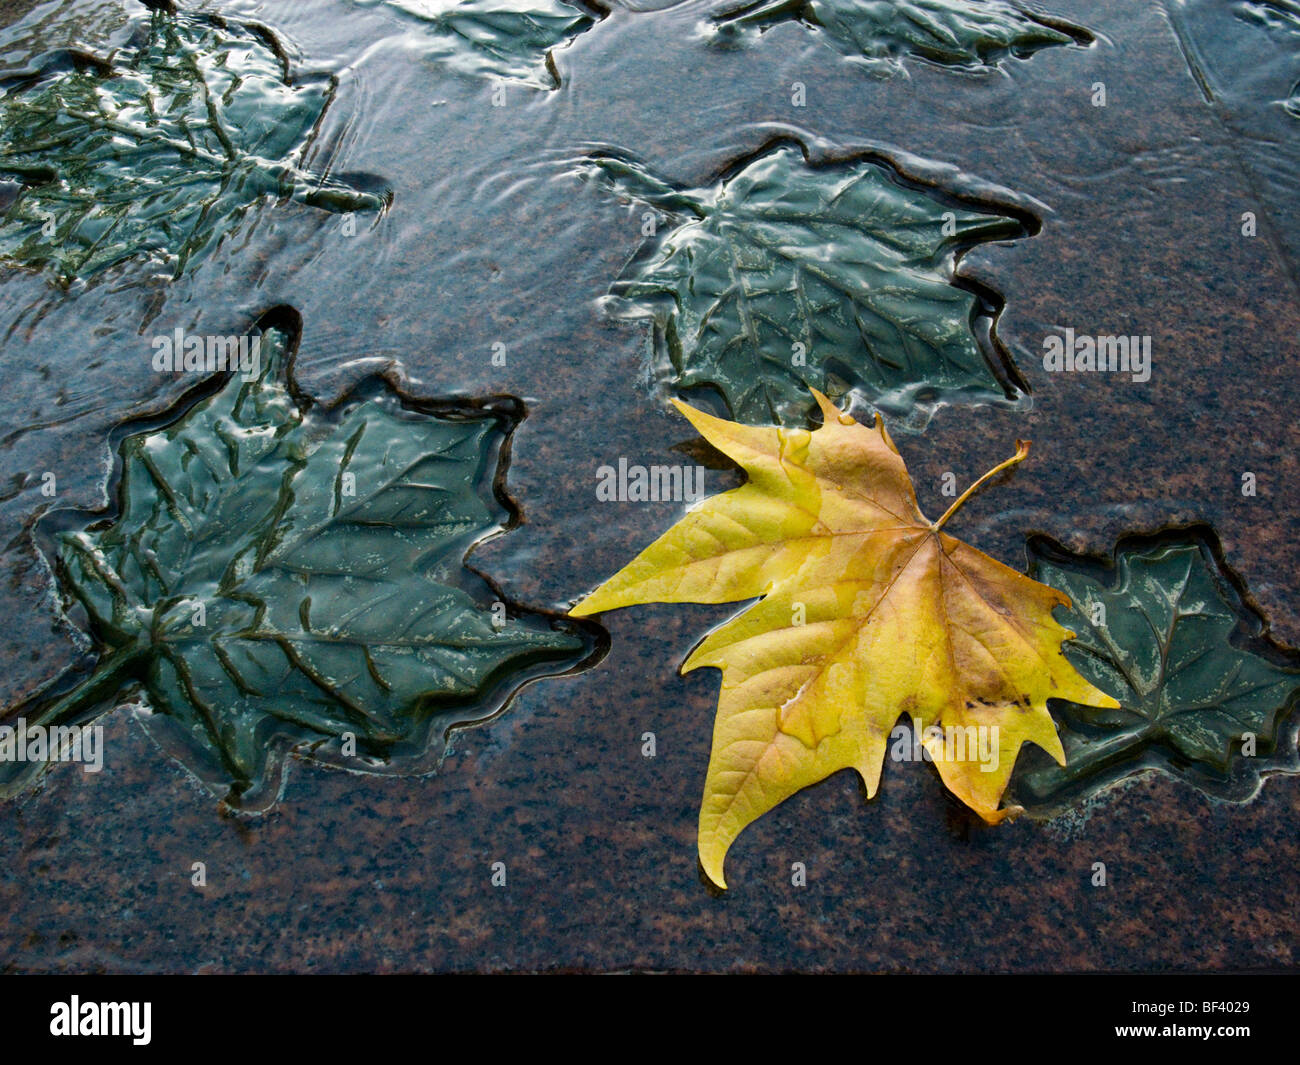 Canadian servizi armati memoriale di guerra con foglie di autunno, Green Park, London REGNO UNITO Immagini Stock